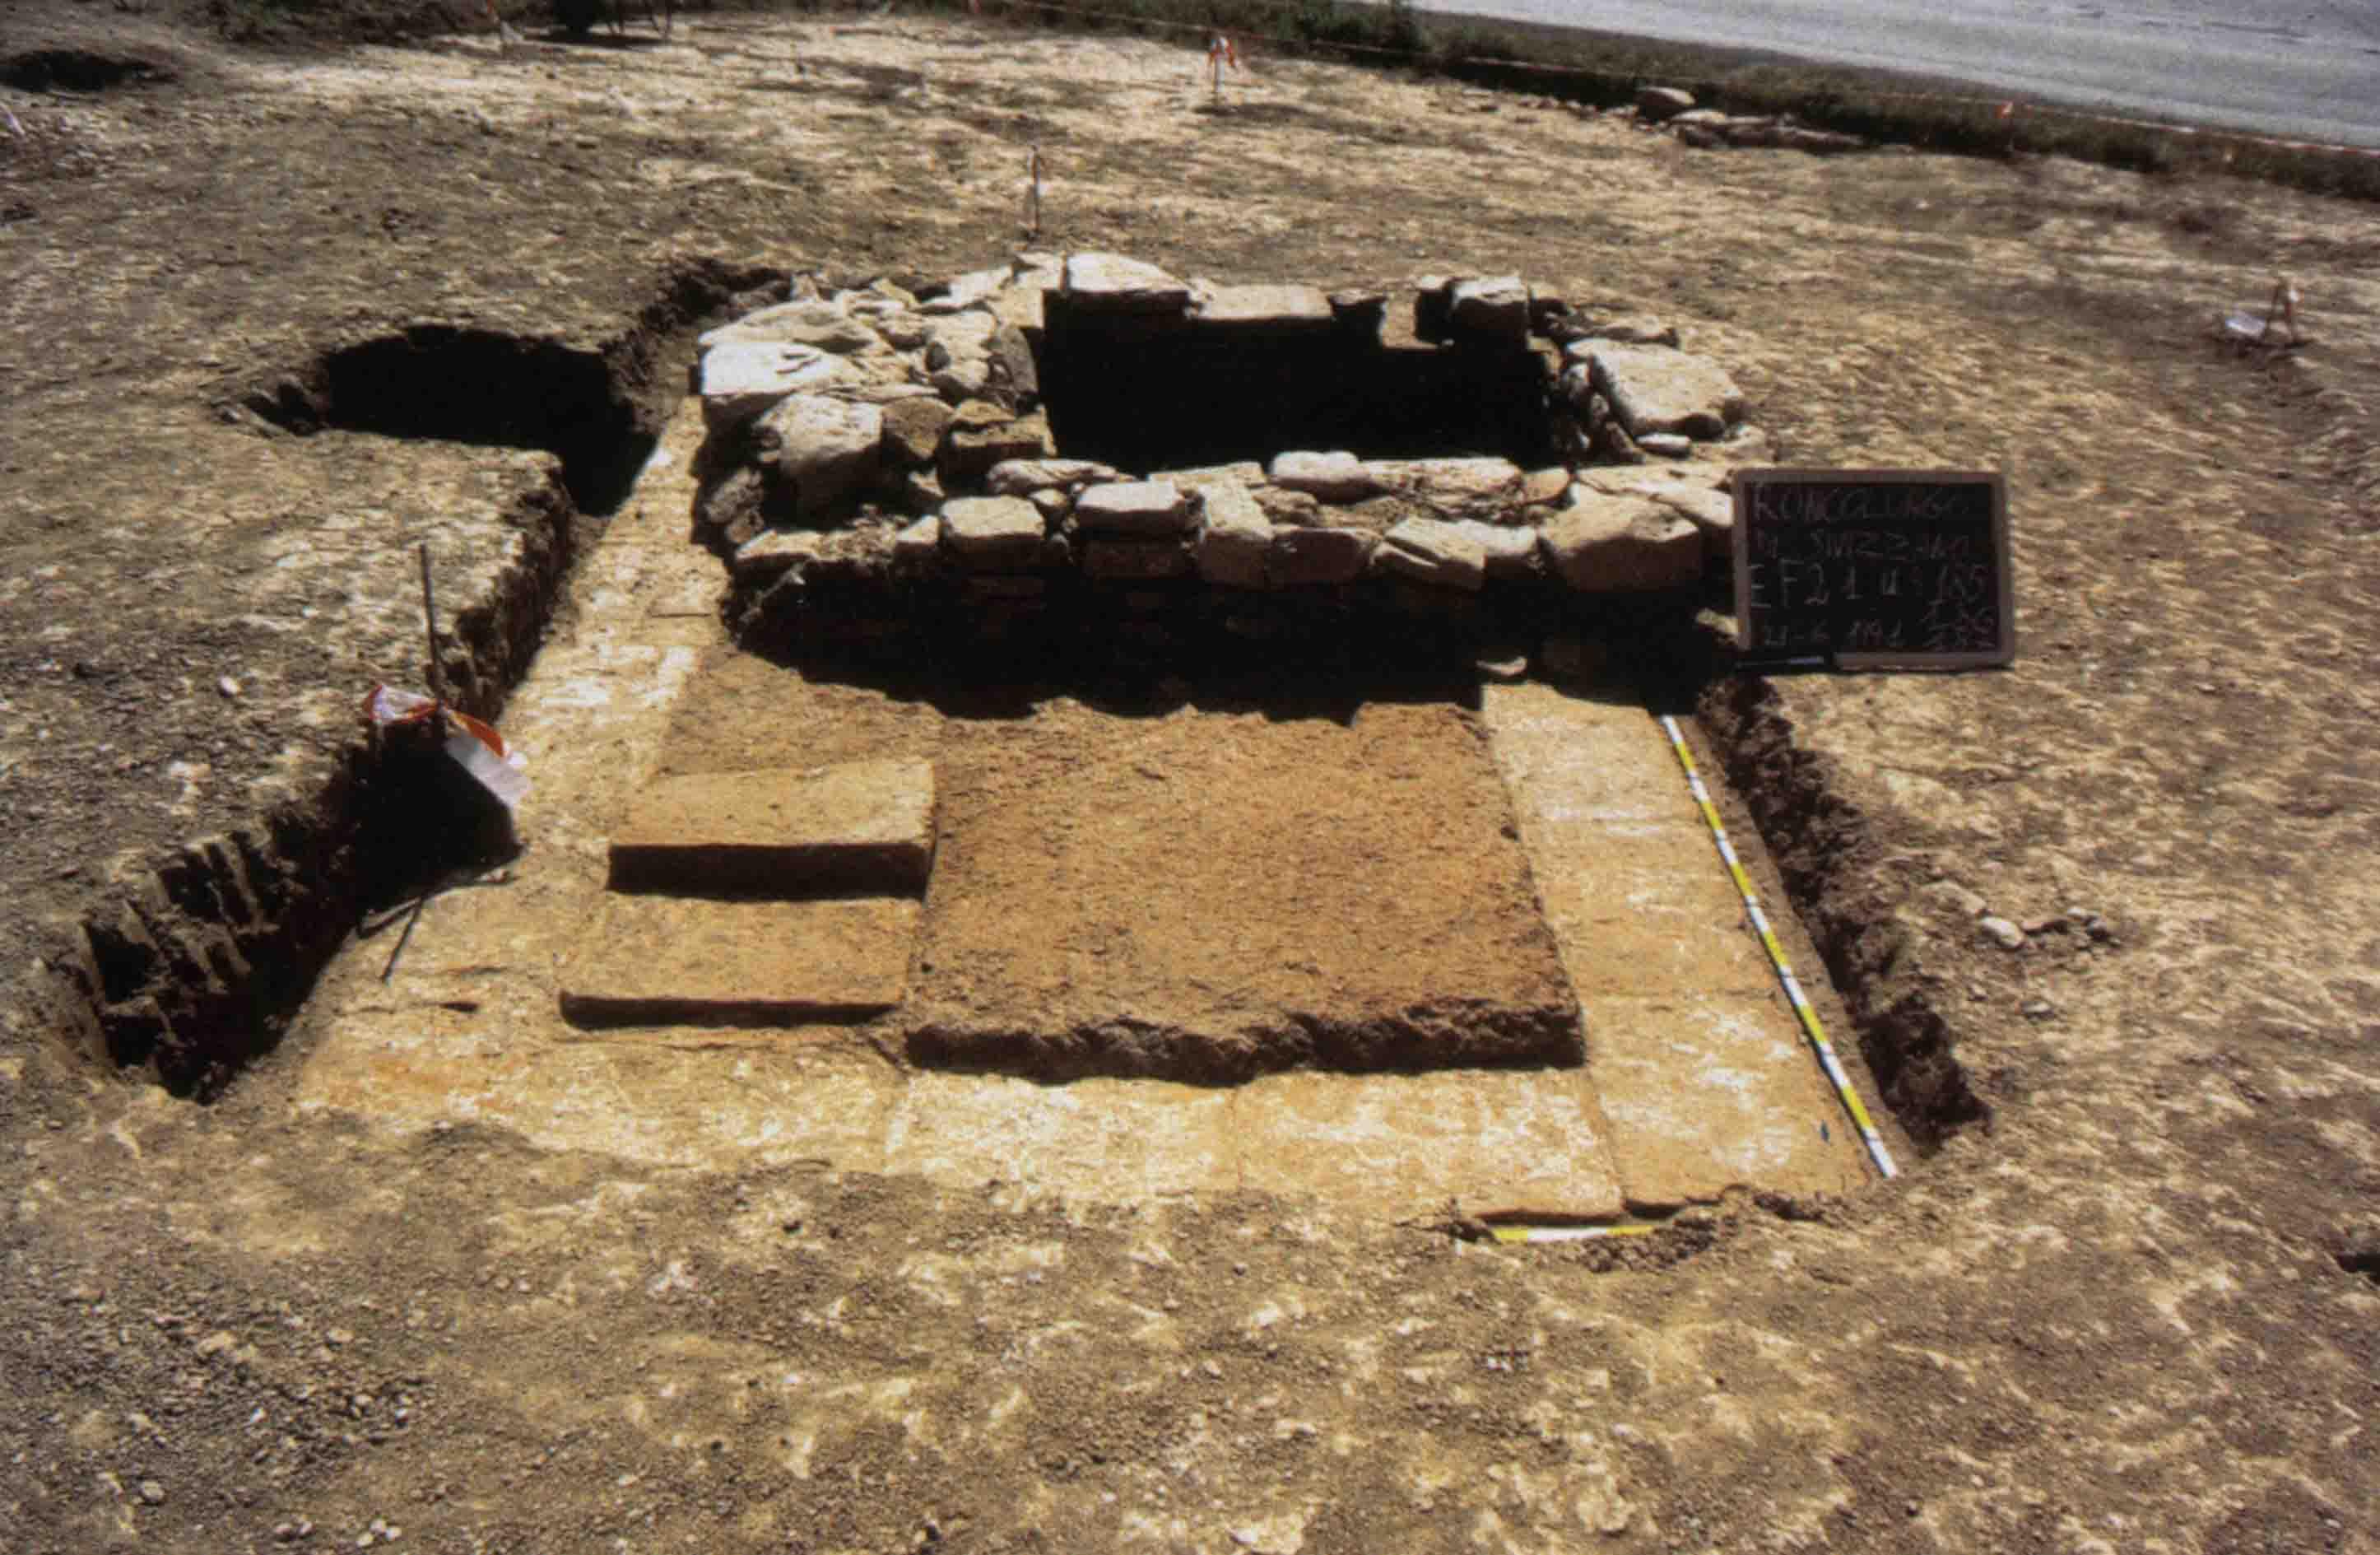 08. Veduta degli scavi (SAER-Catarsi 1989-91) dell'insediamento romano di Roncolungo di Sivizzano (Fornovo Taro), lungo la strada per Luni, con impianti per la produzione del vino. In basso, resti della vasca per la pigiatura.